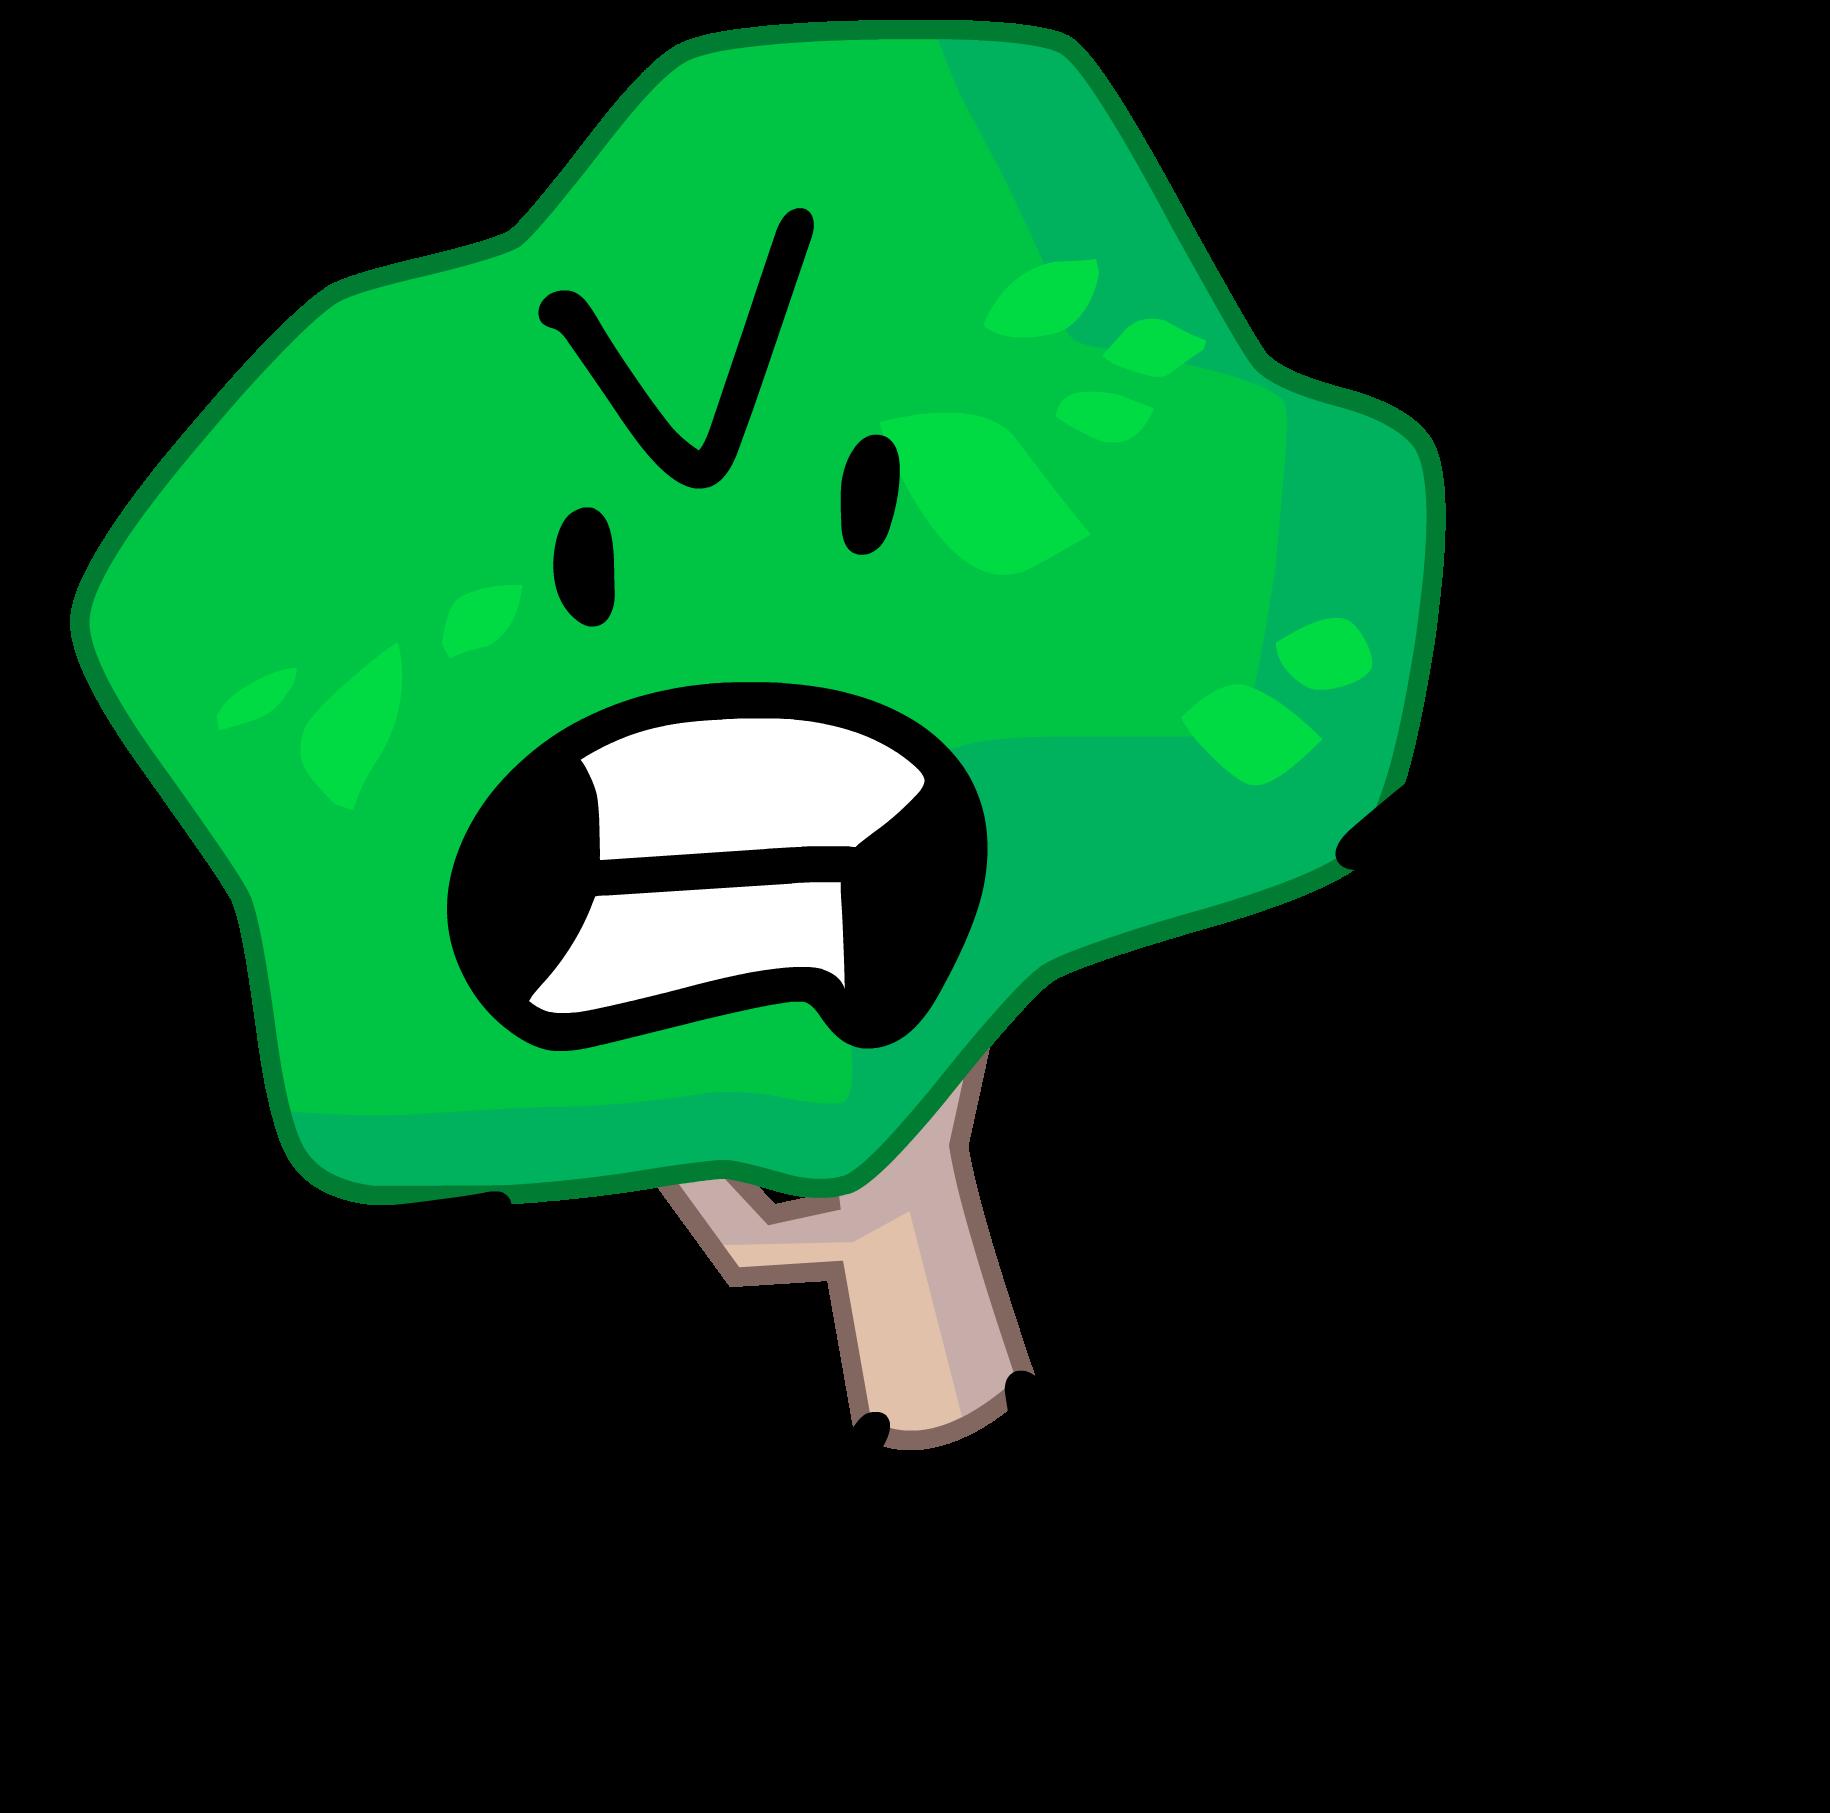 Tree battle for dream. Eraser clipart green